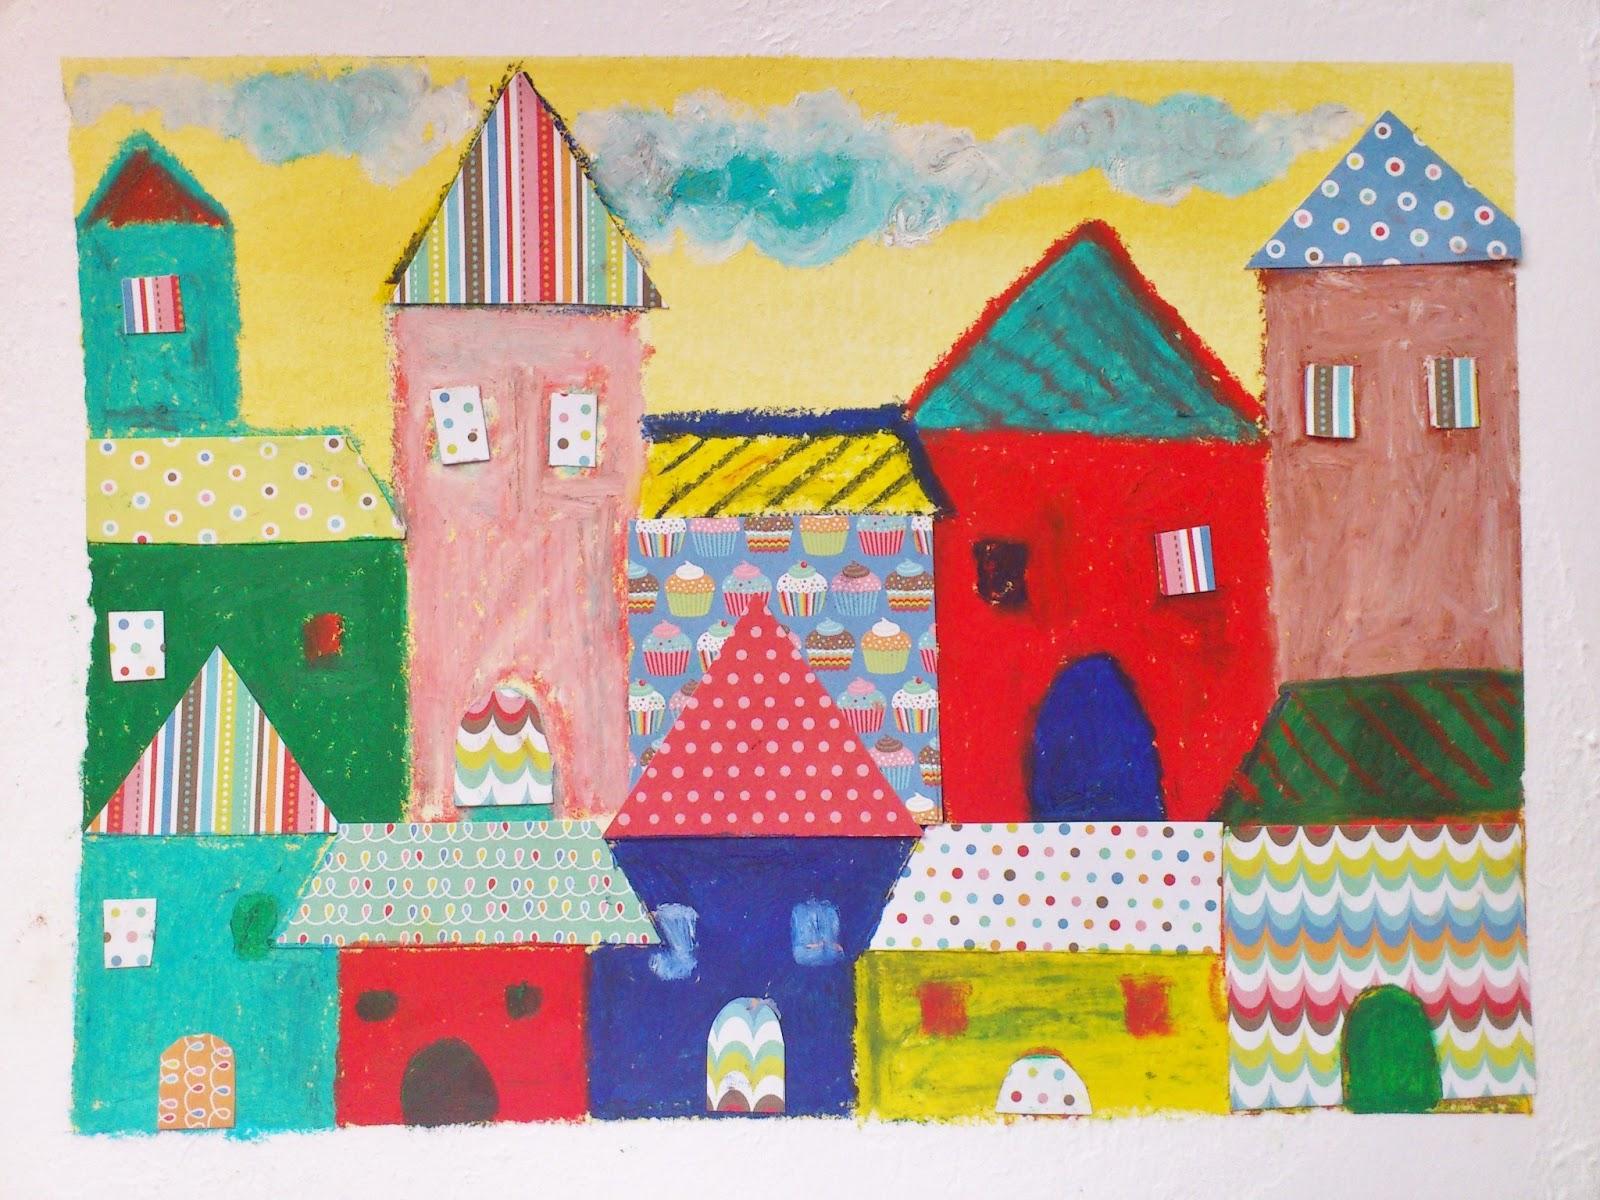 Jugando a las casitas - Infantil con Pastel al óleo y Collage